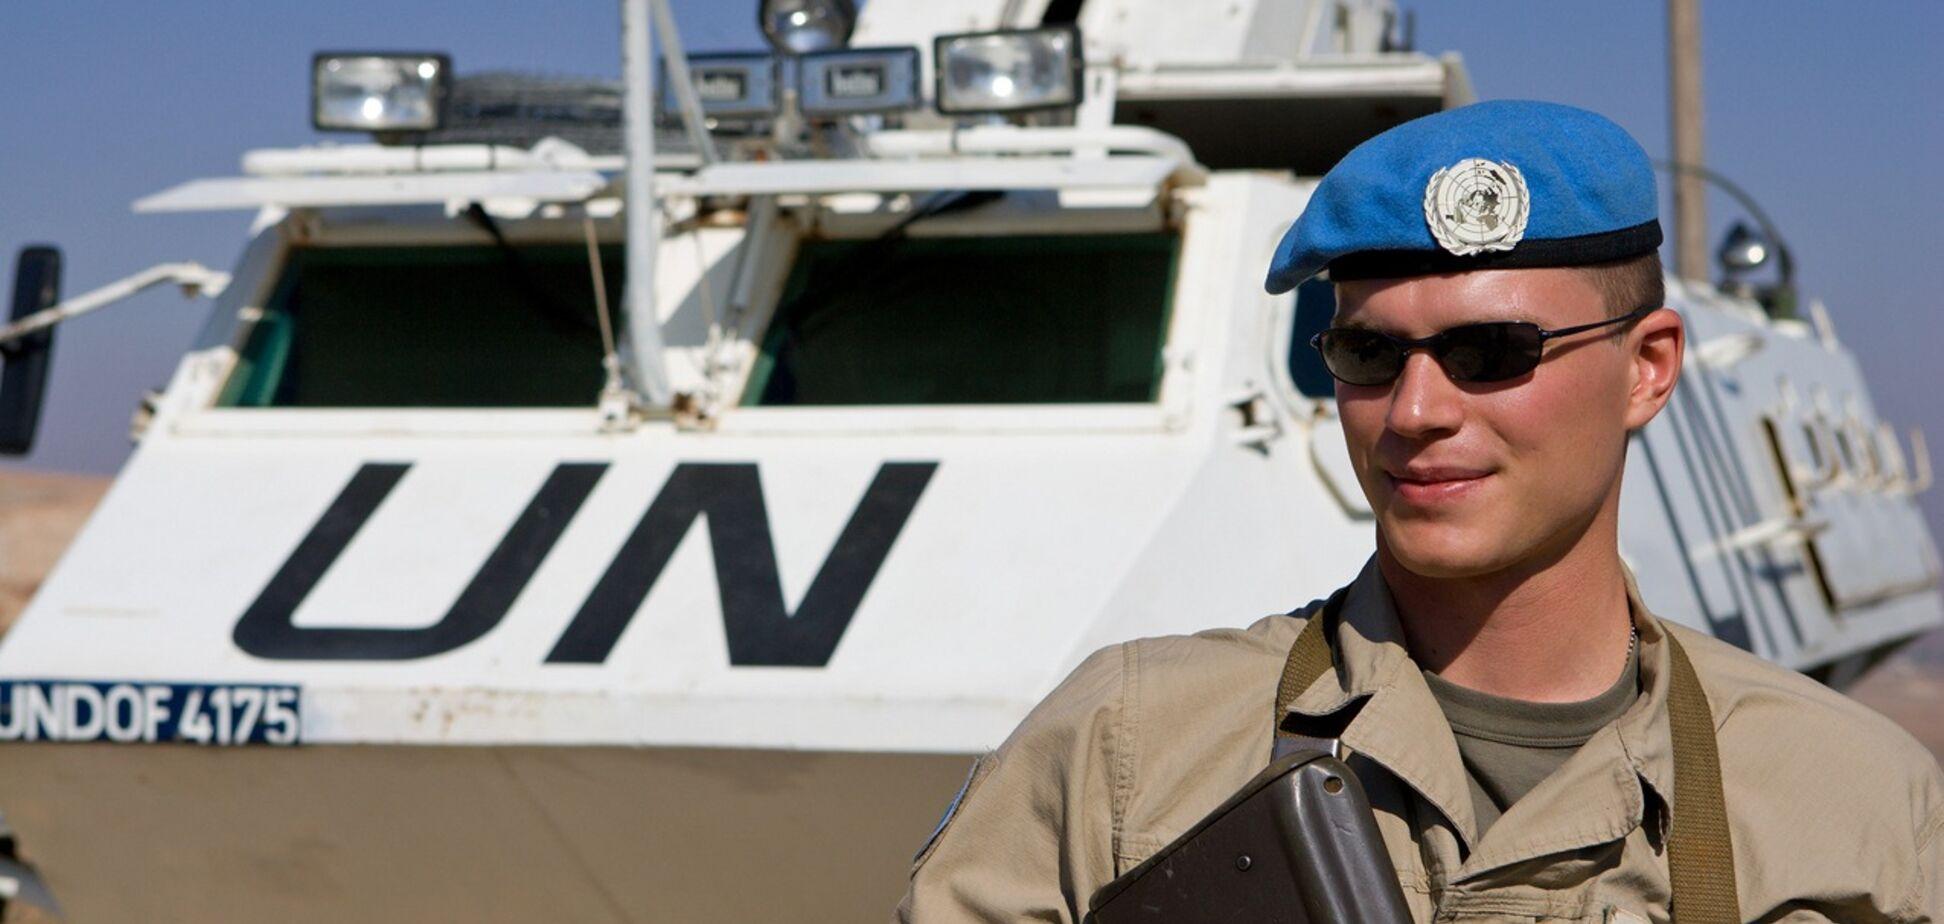 Война на Донбассе: в ООН озвучили необходимое число миротворцев